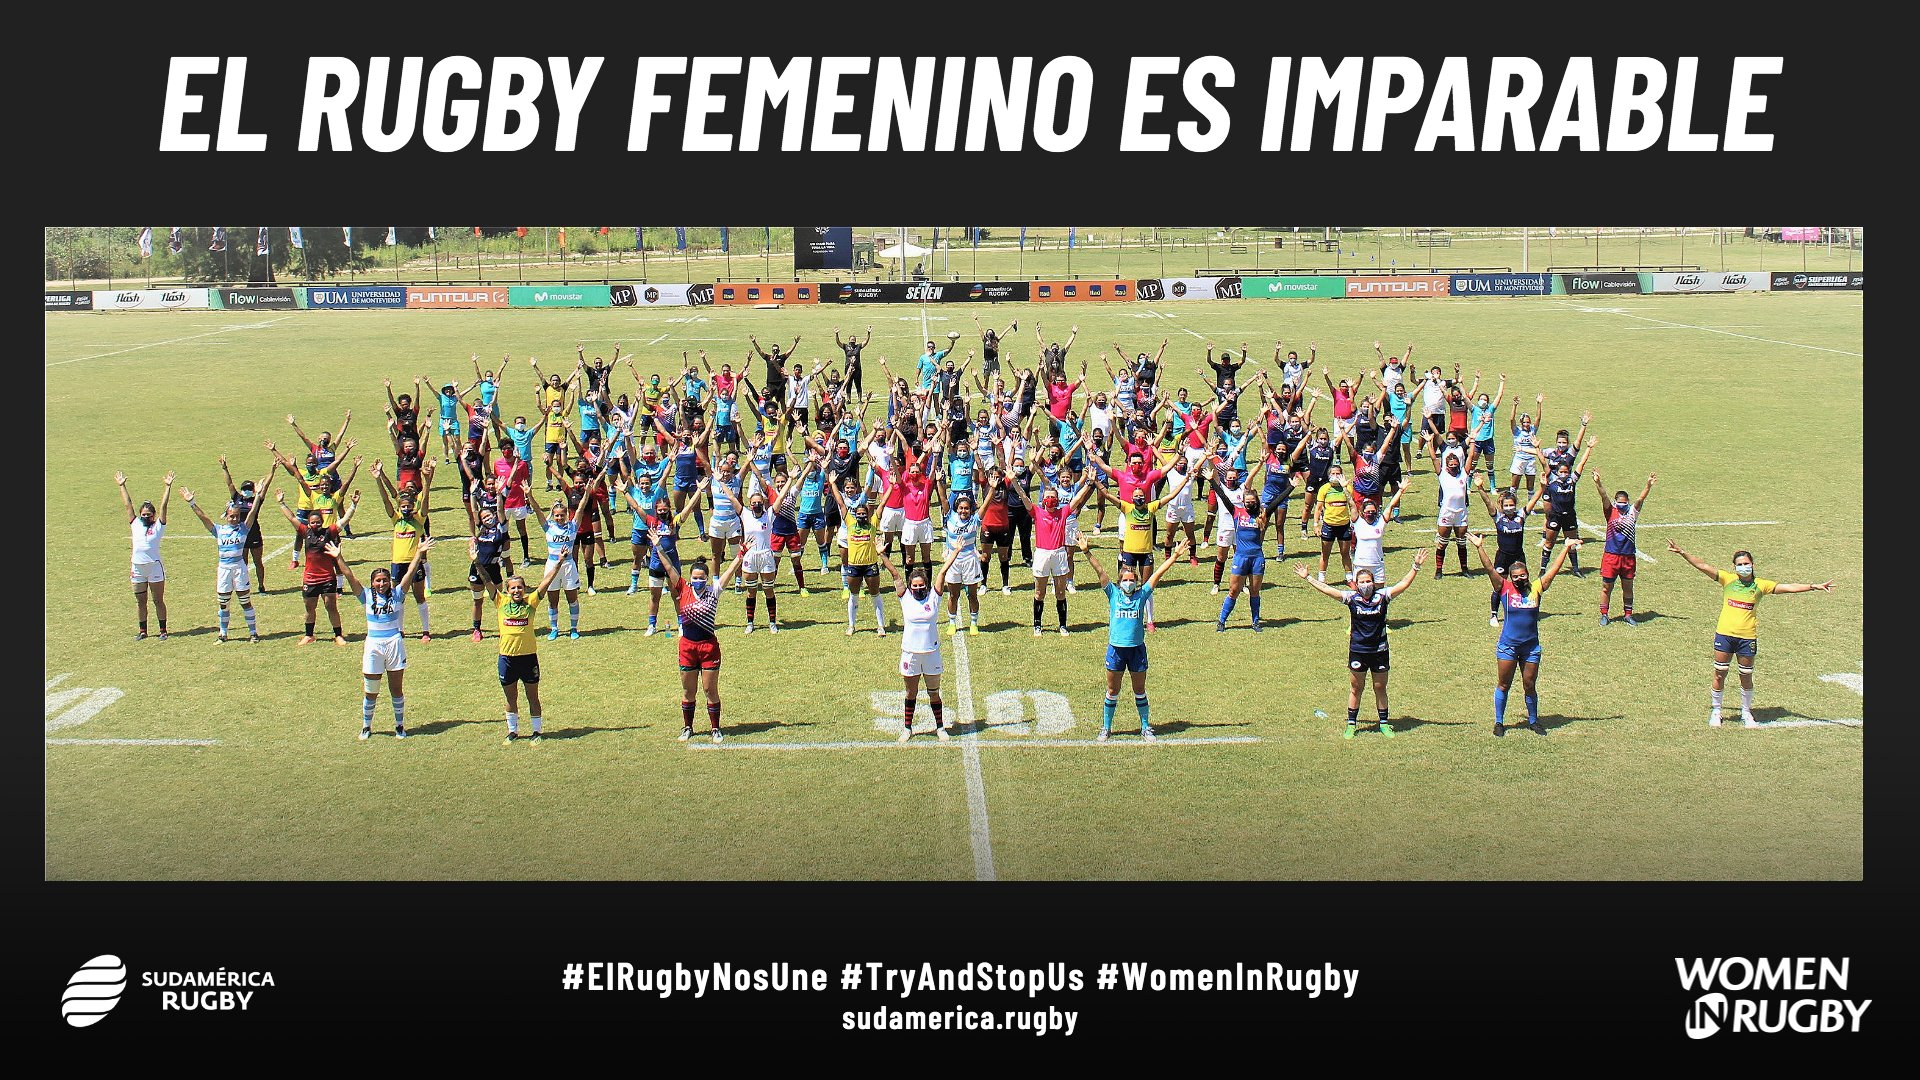 El Rugby femenino es imparable #TryAndStopUs #WomenInRugby